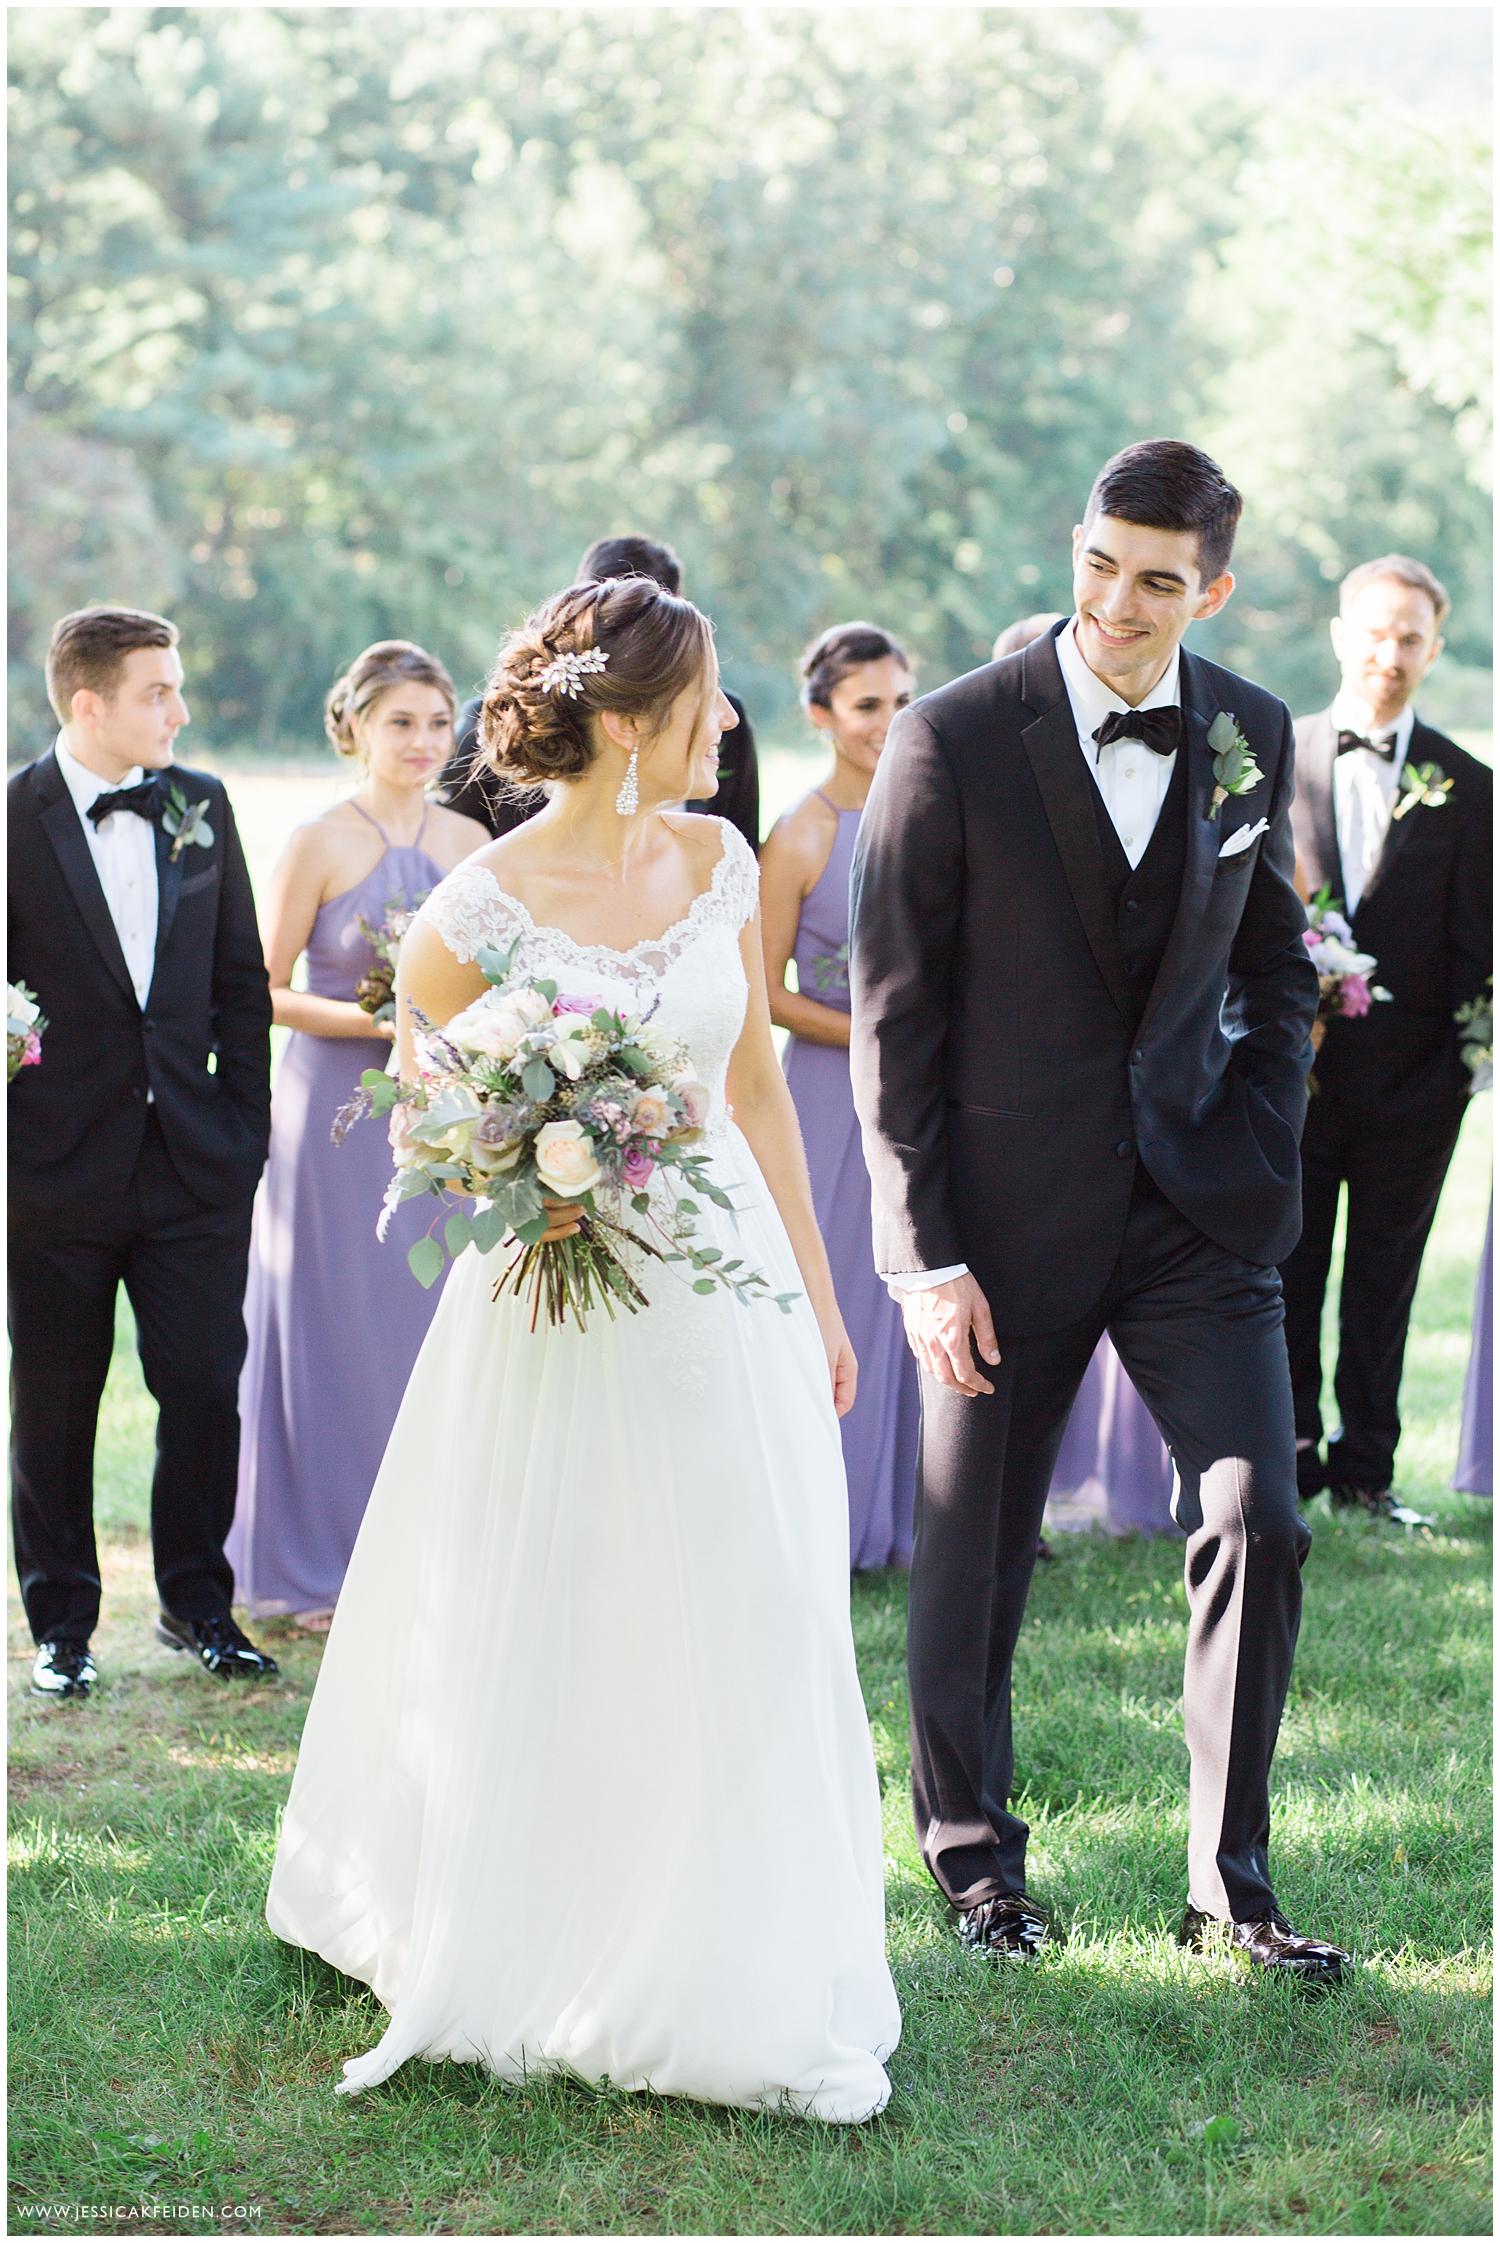 Jessica K Feiden Photography_The Fruitlands Museum Wedding_0075.jpg